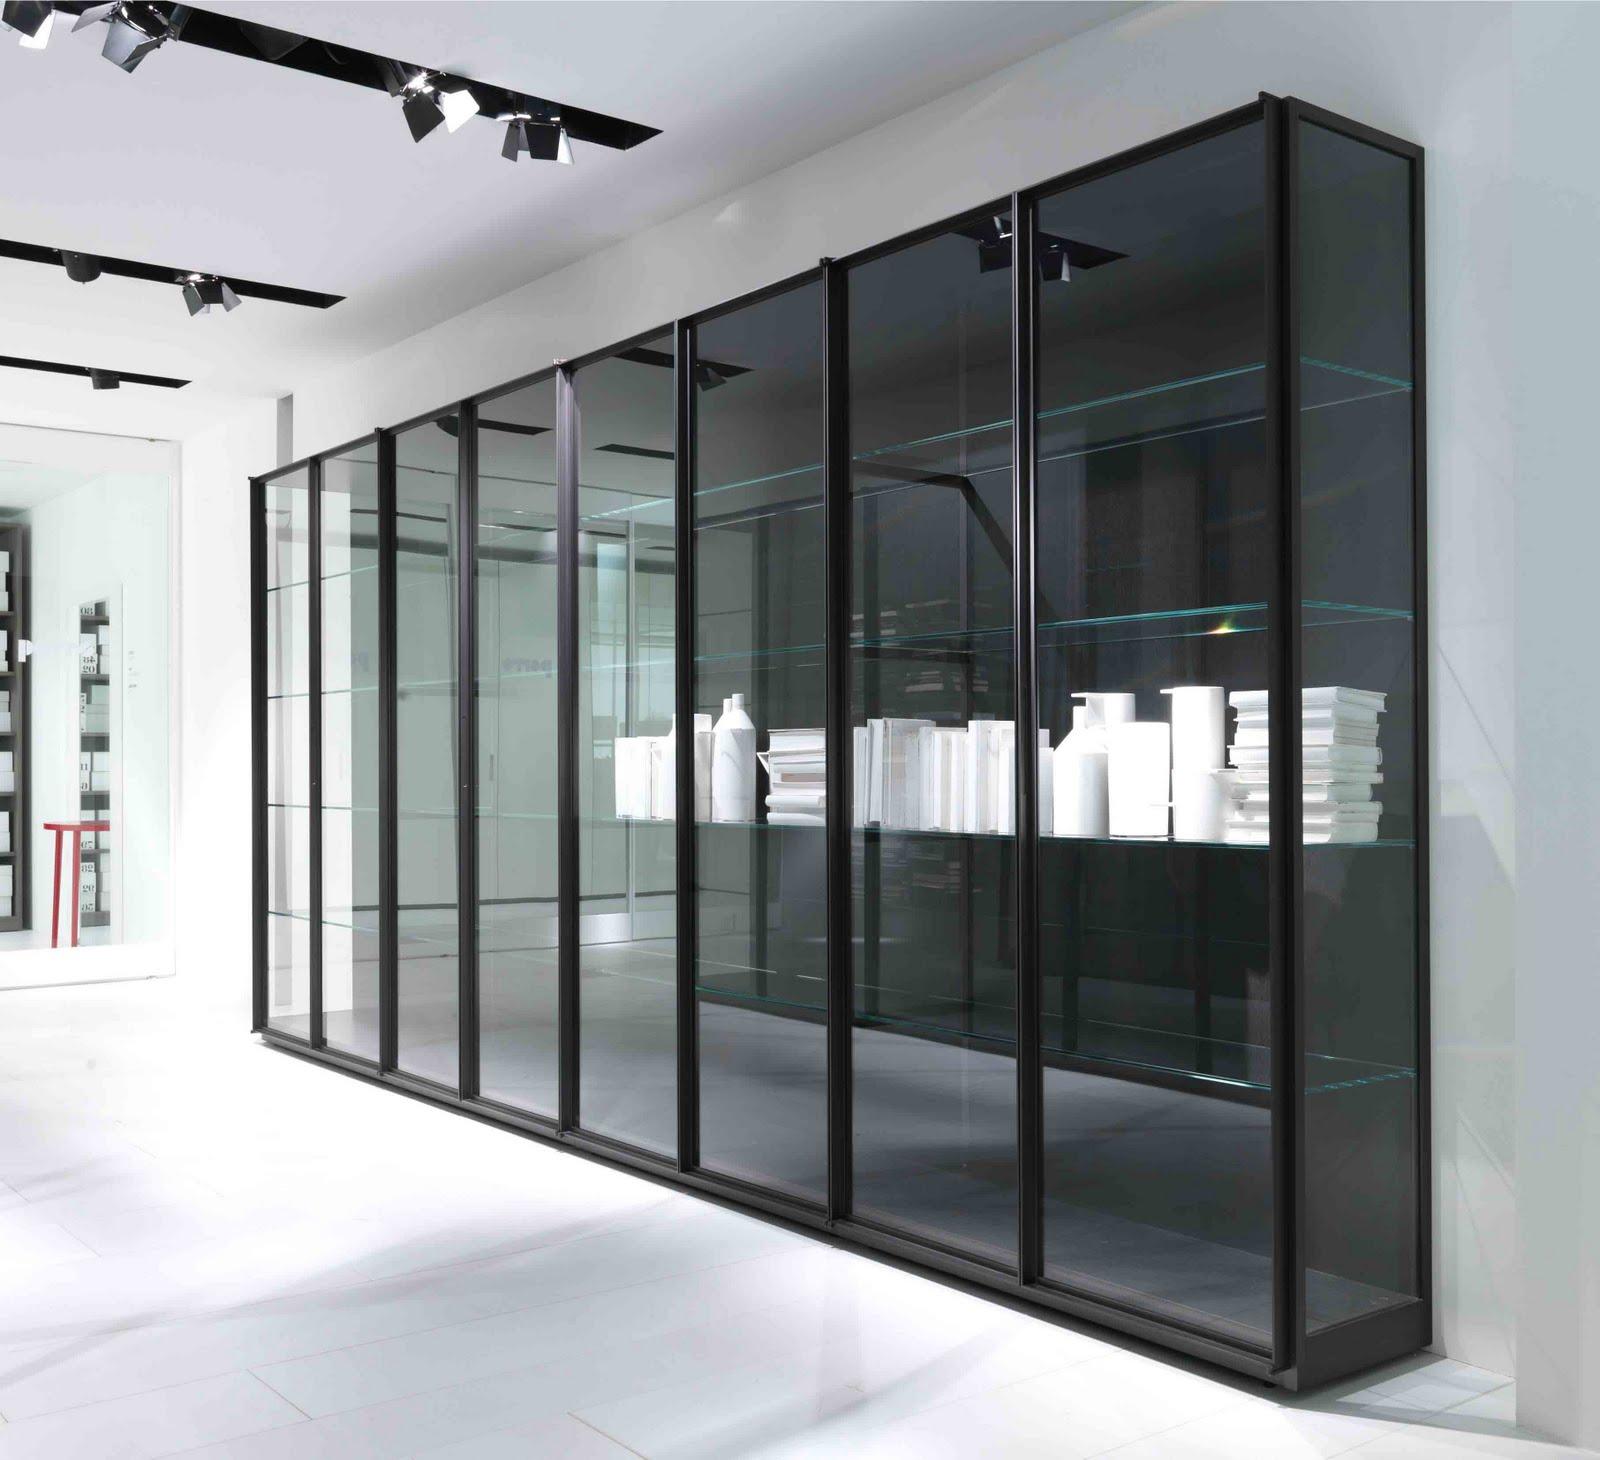 los nuevos productos de la firma porro dise o de. Black Bedroom Furniture Sets. Home Design Ideas